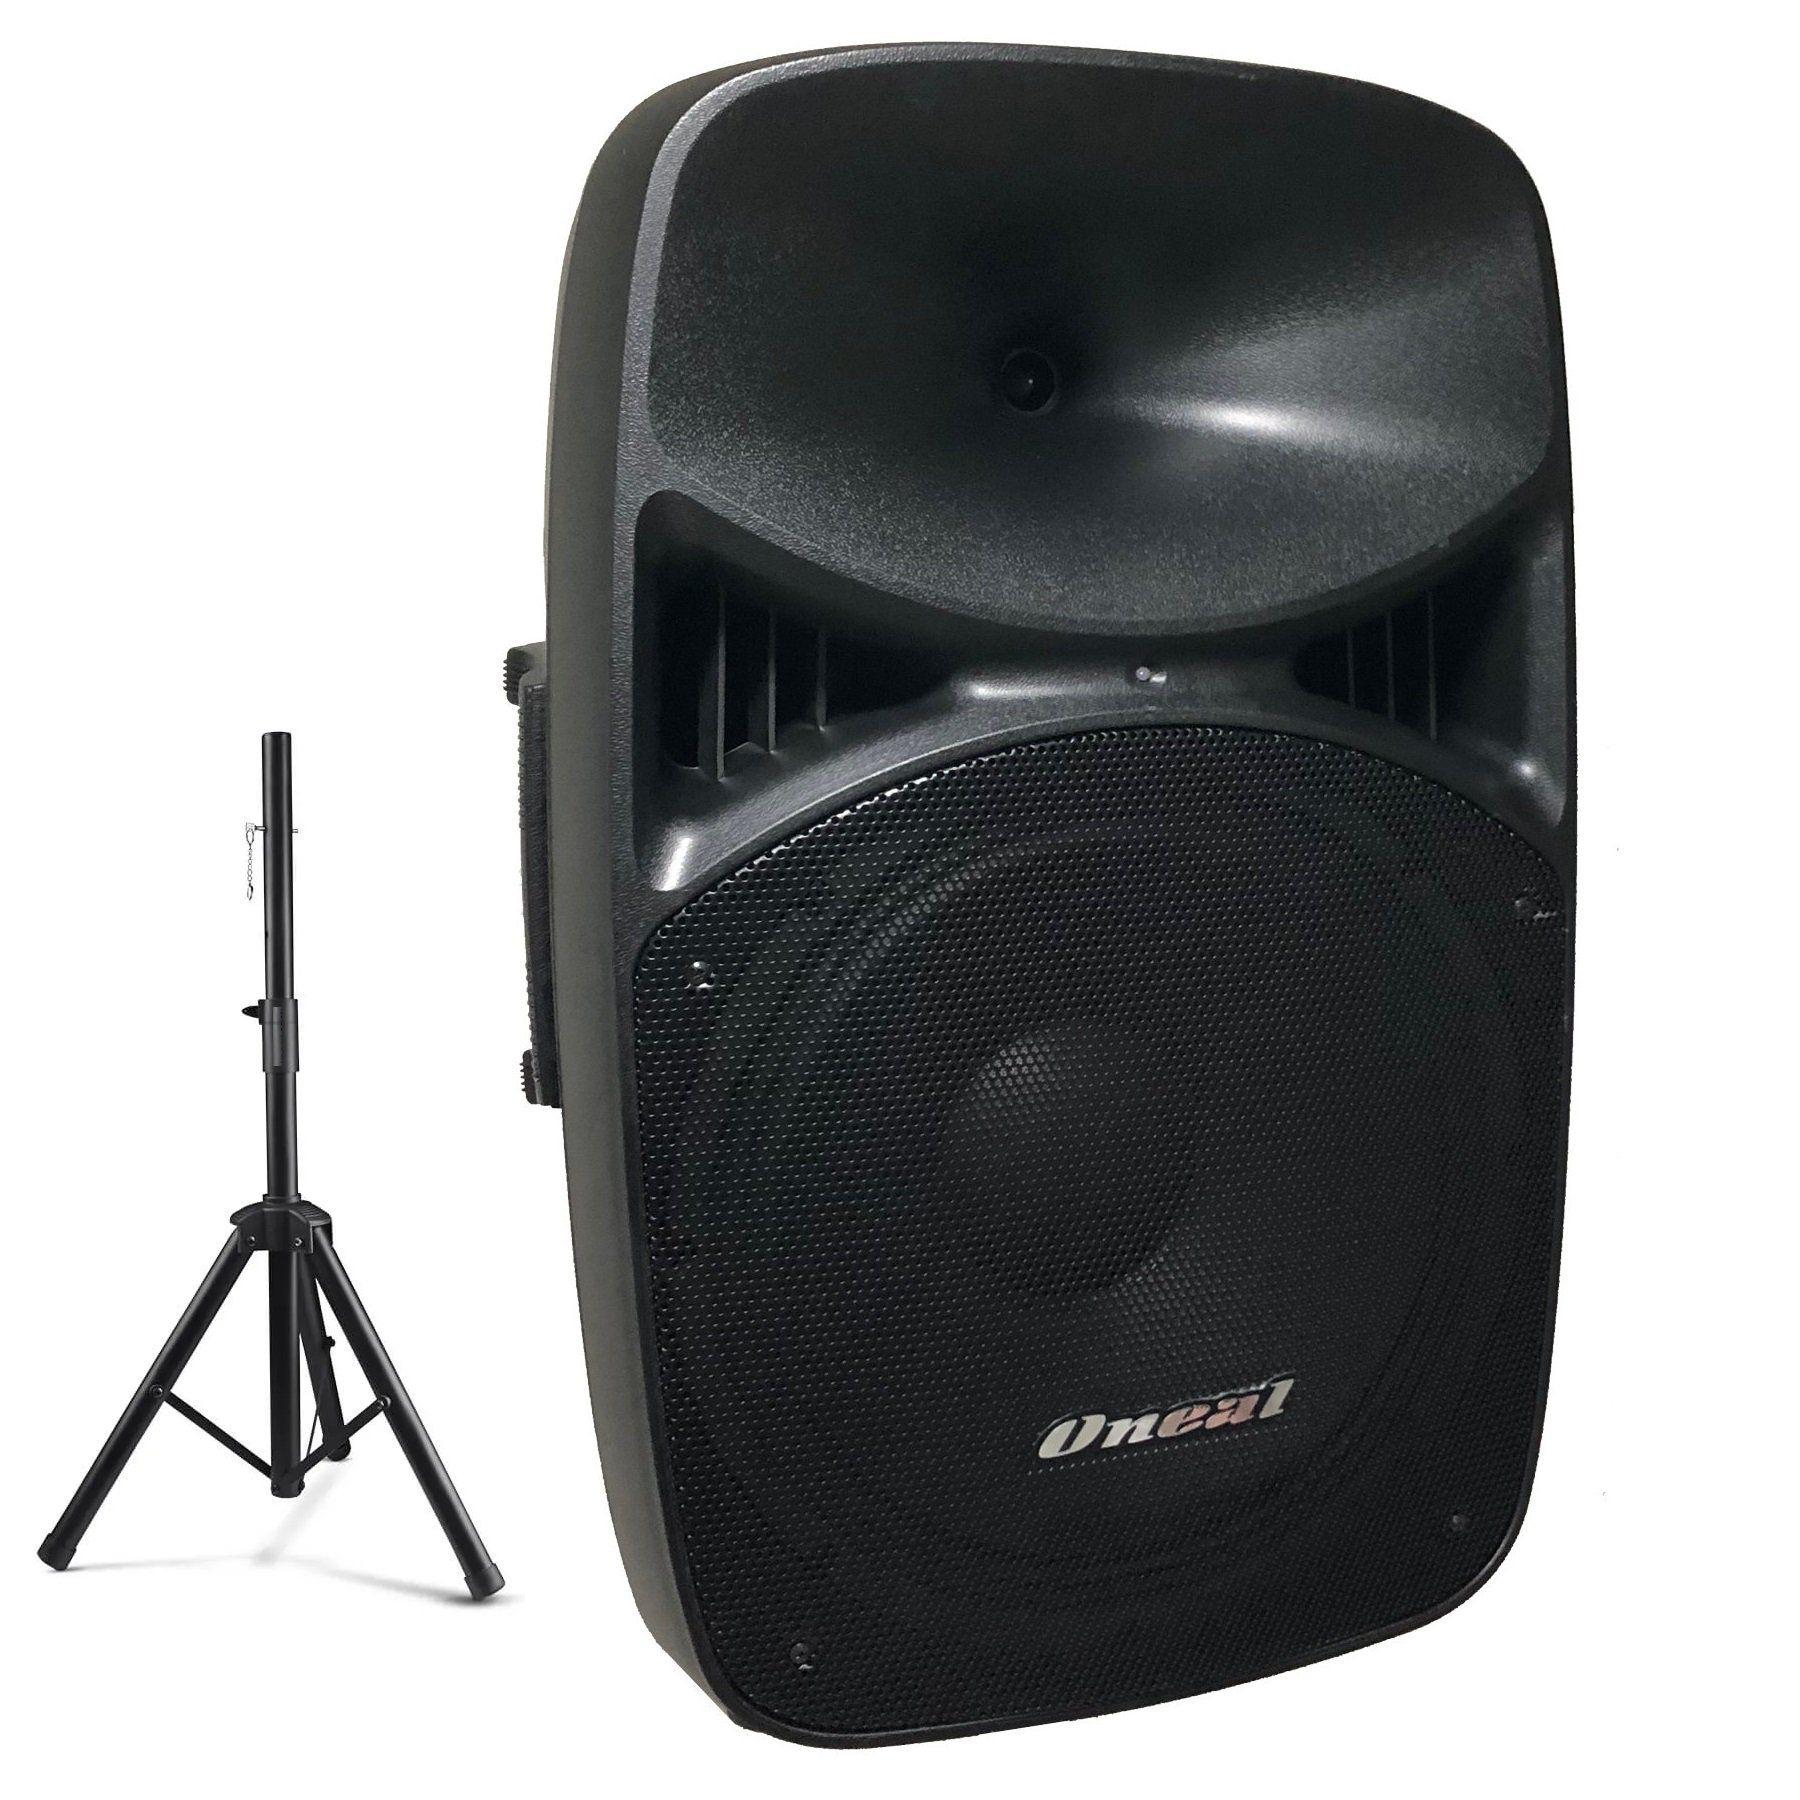 Caixa De Som Oneal Ativa Opb915 Bt Bluetooth 360W + Tripé